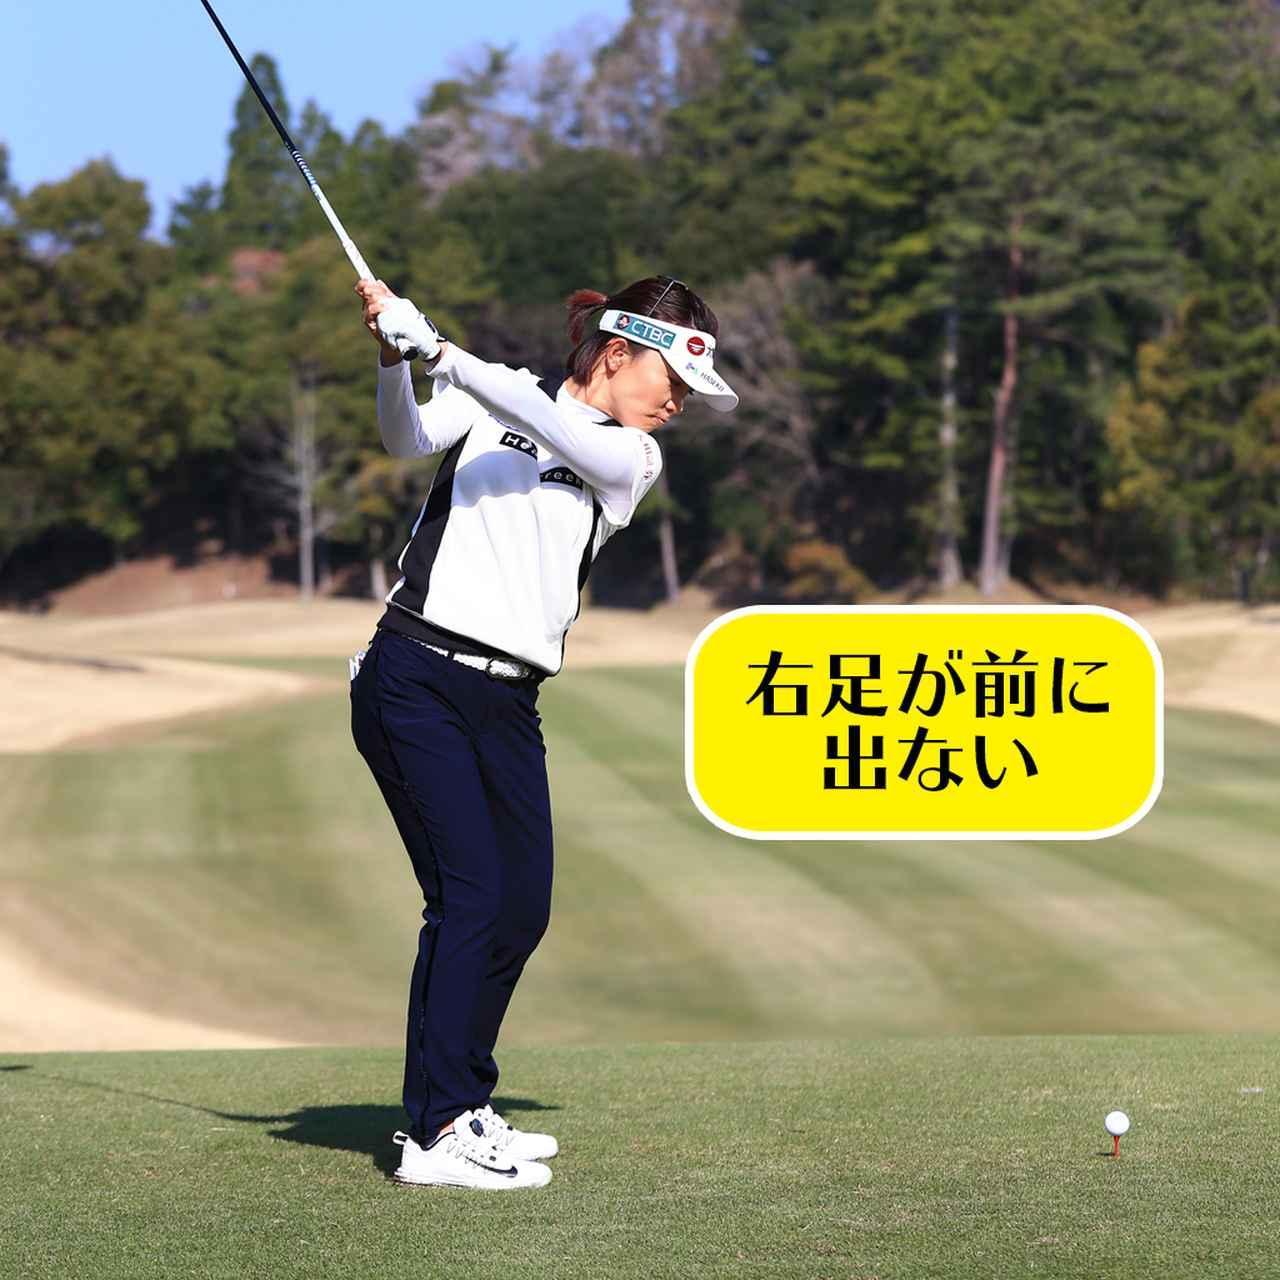 画像3: 【テレサ・ルー】女子プロが選んだベストドライバースウィング。軽く振っても飛ぶ「捻転力」の秘密